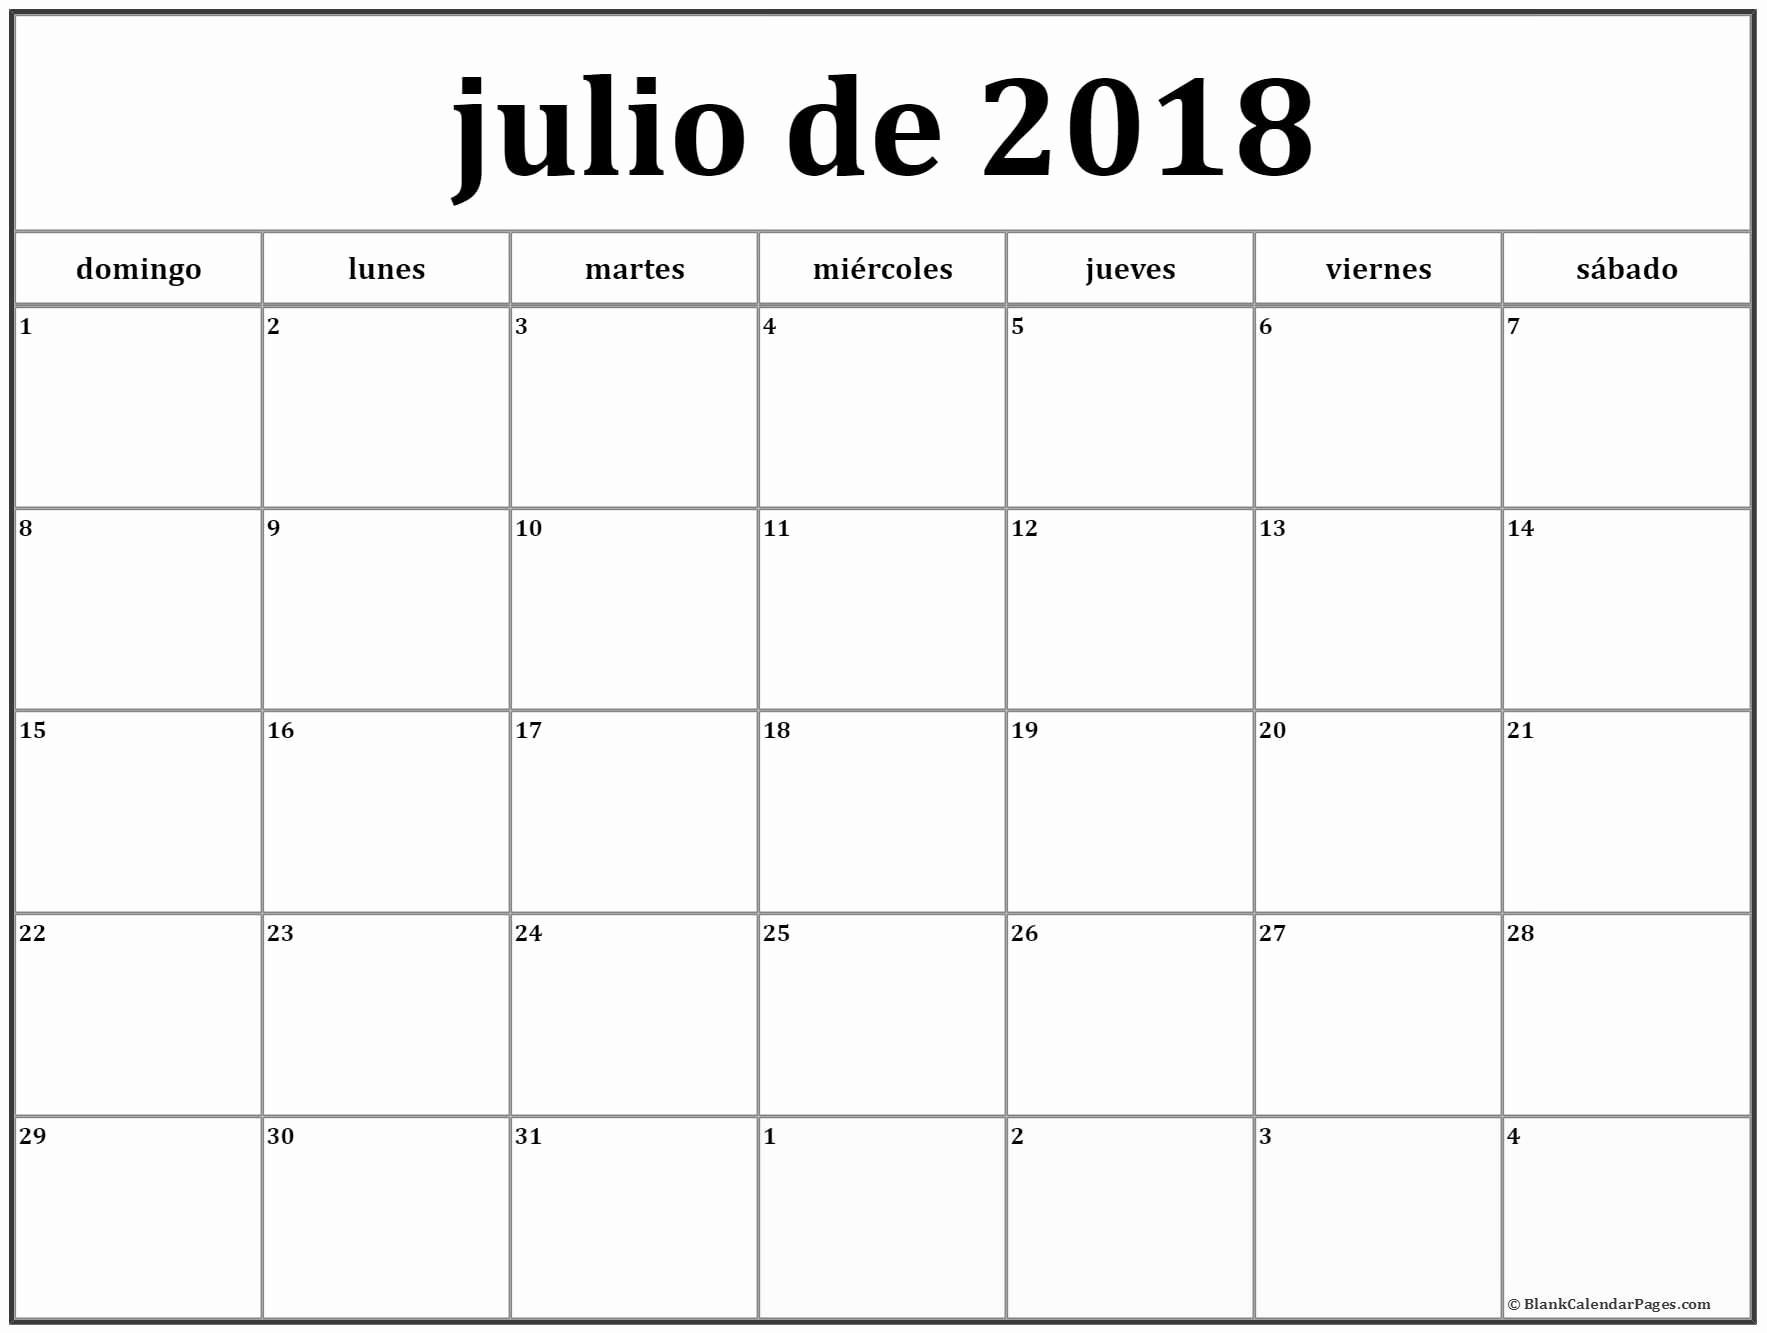 Calendario 2019 Julio Julio De 2018 Calendario Gratis Calendario De